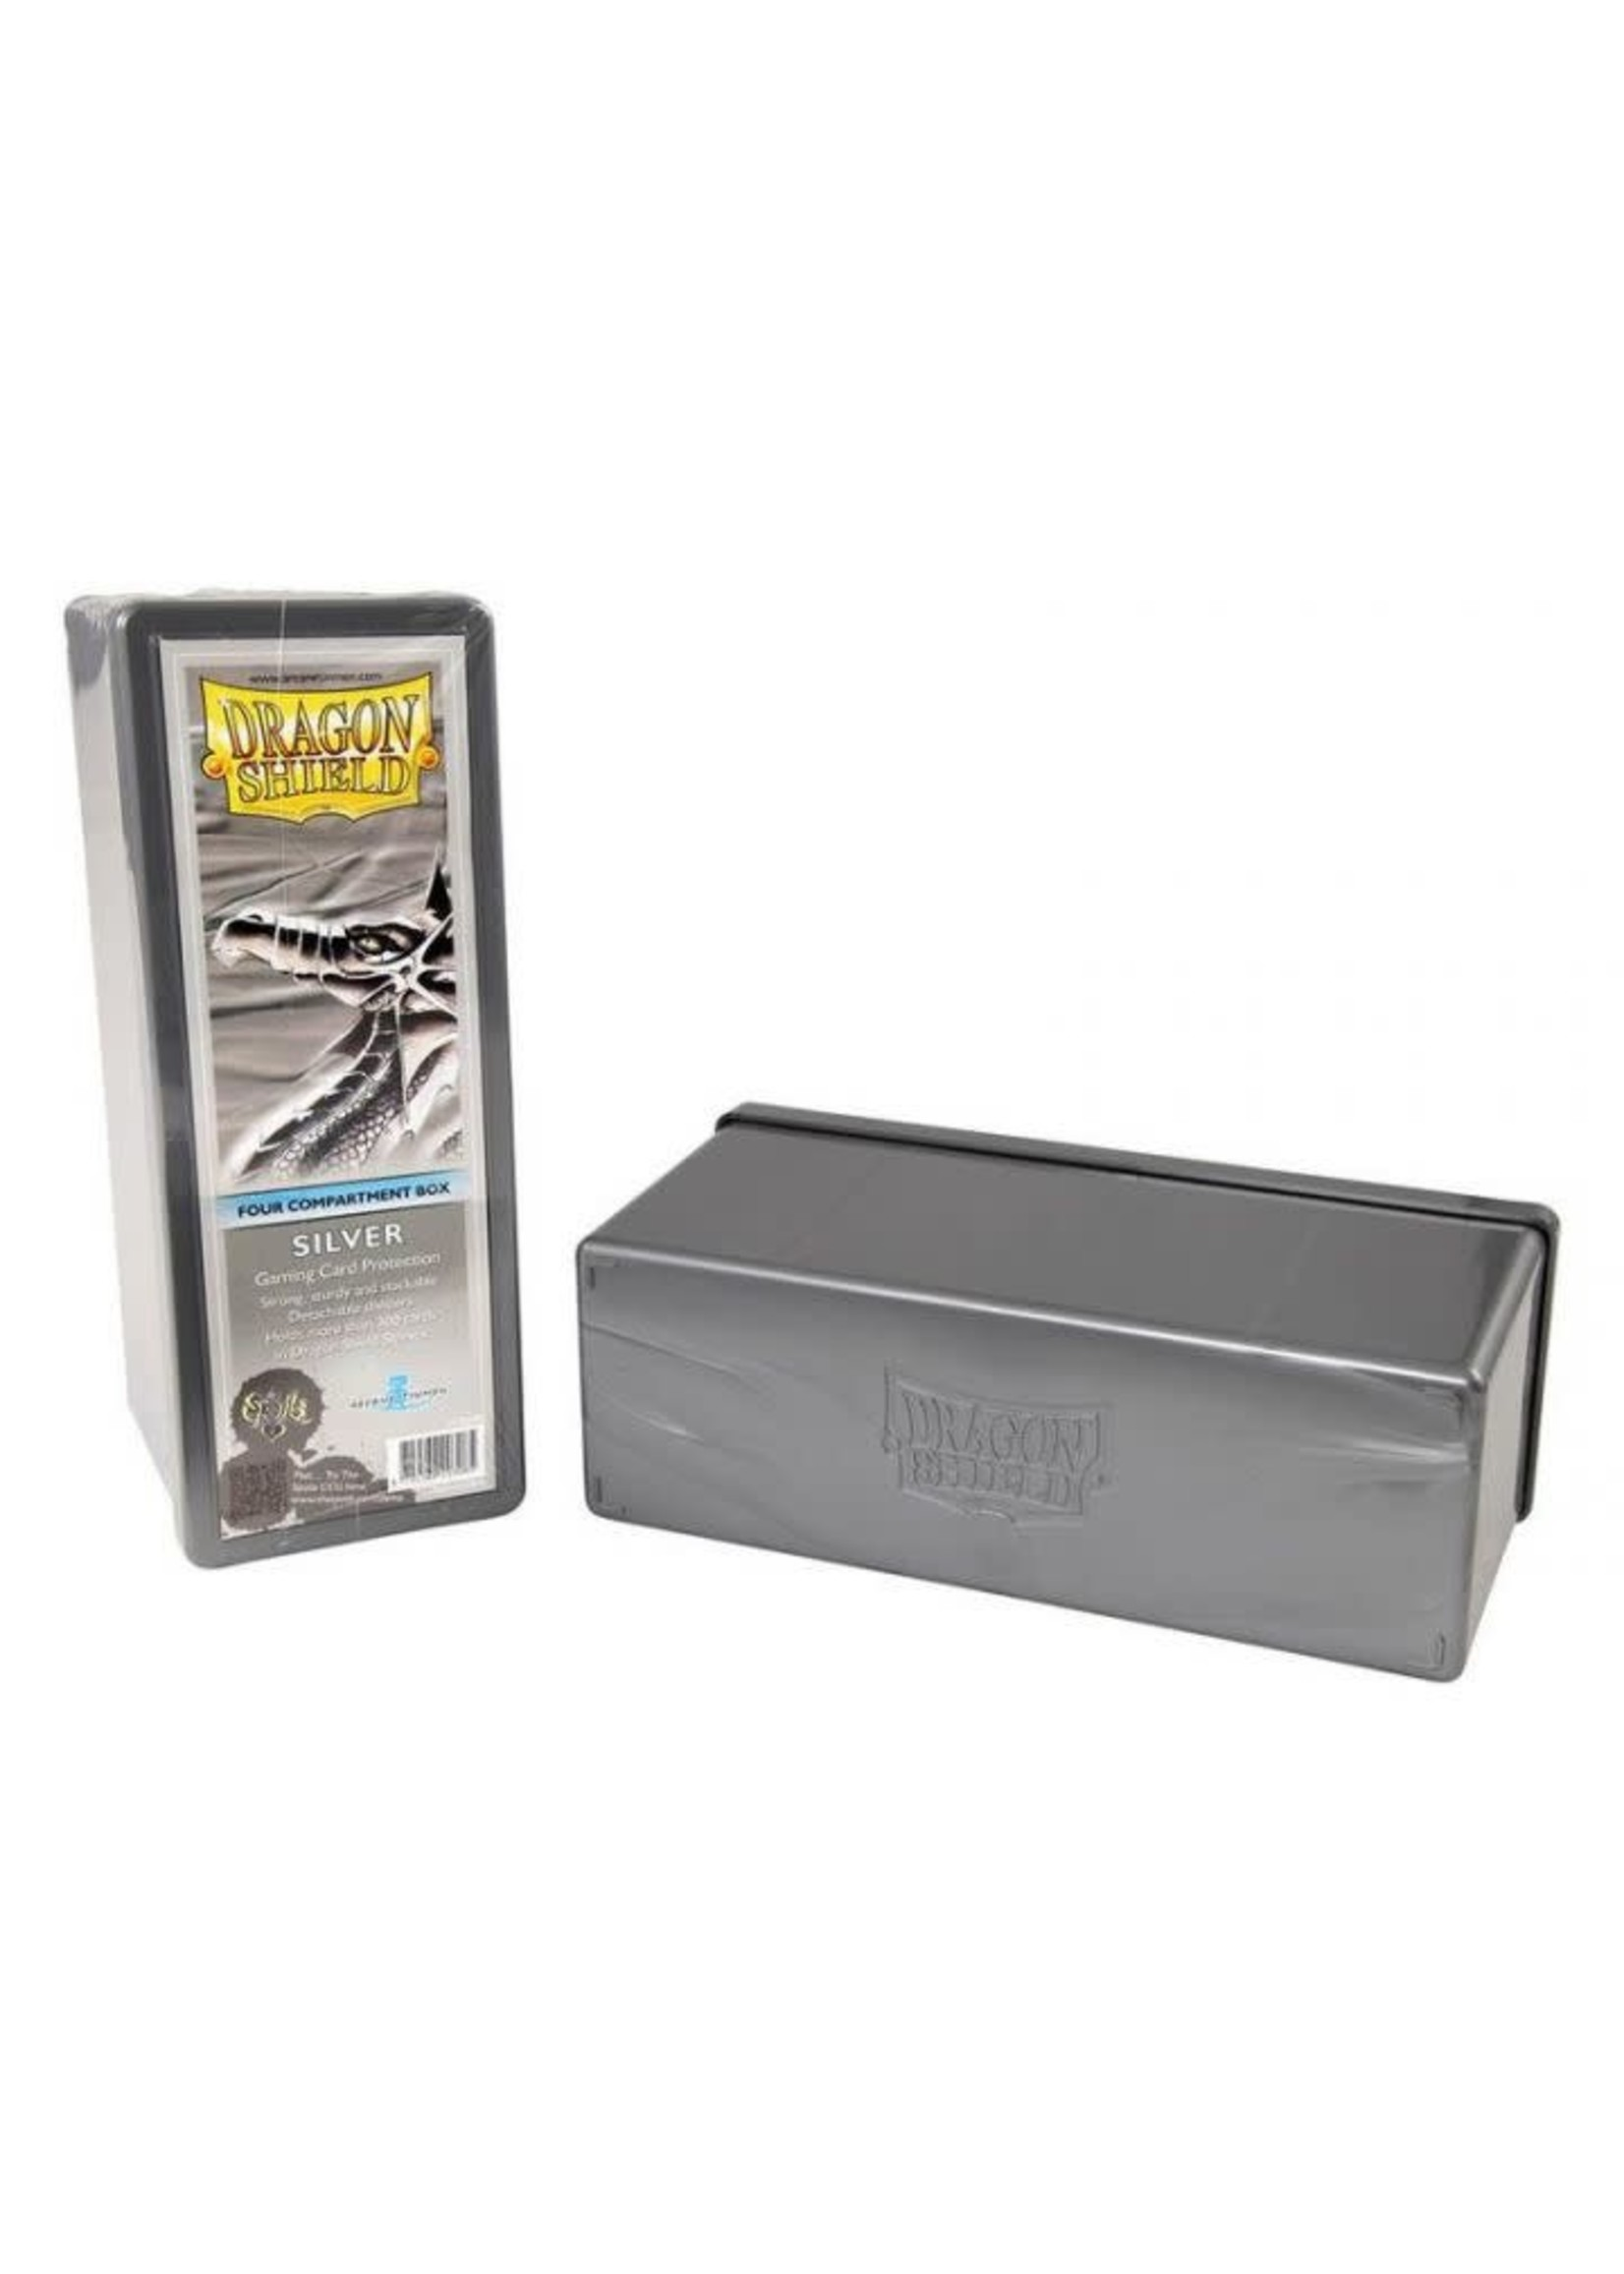 Four Compartment Box Silver